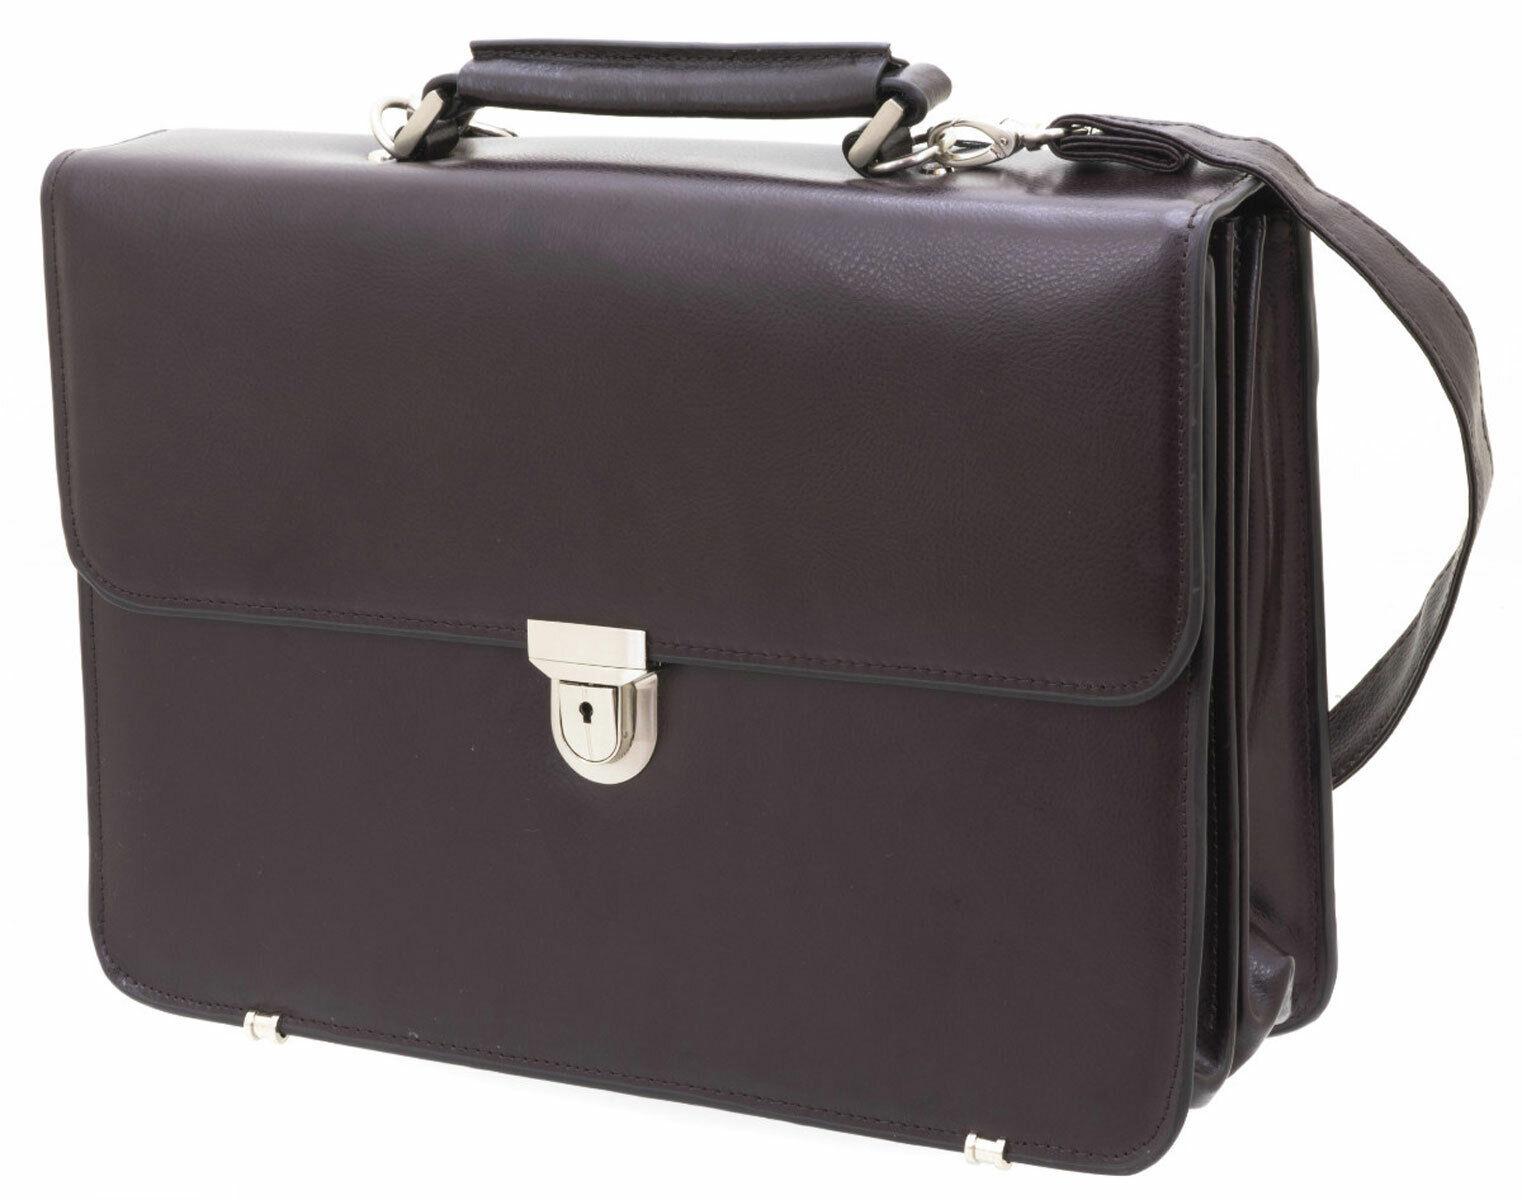 Akten Arbeits Umhänge Tasche Leder 41 x30x15cm Dunkel Braun Davidts - Bowatex | Online Store  | Gutes Design  | New Listing